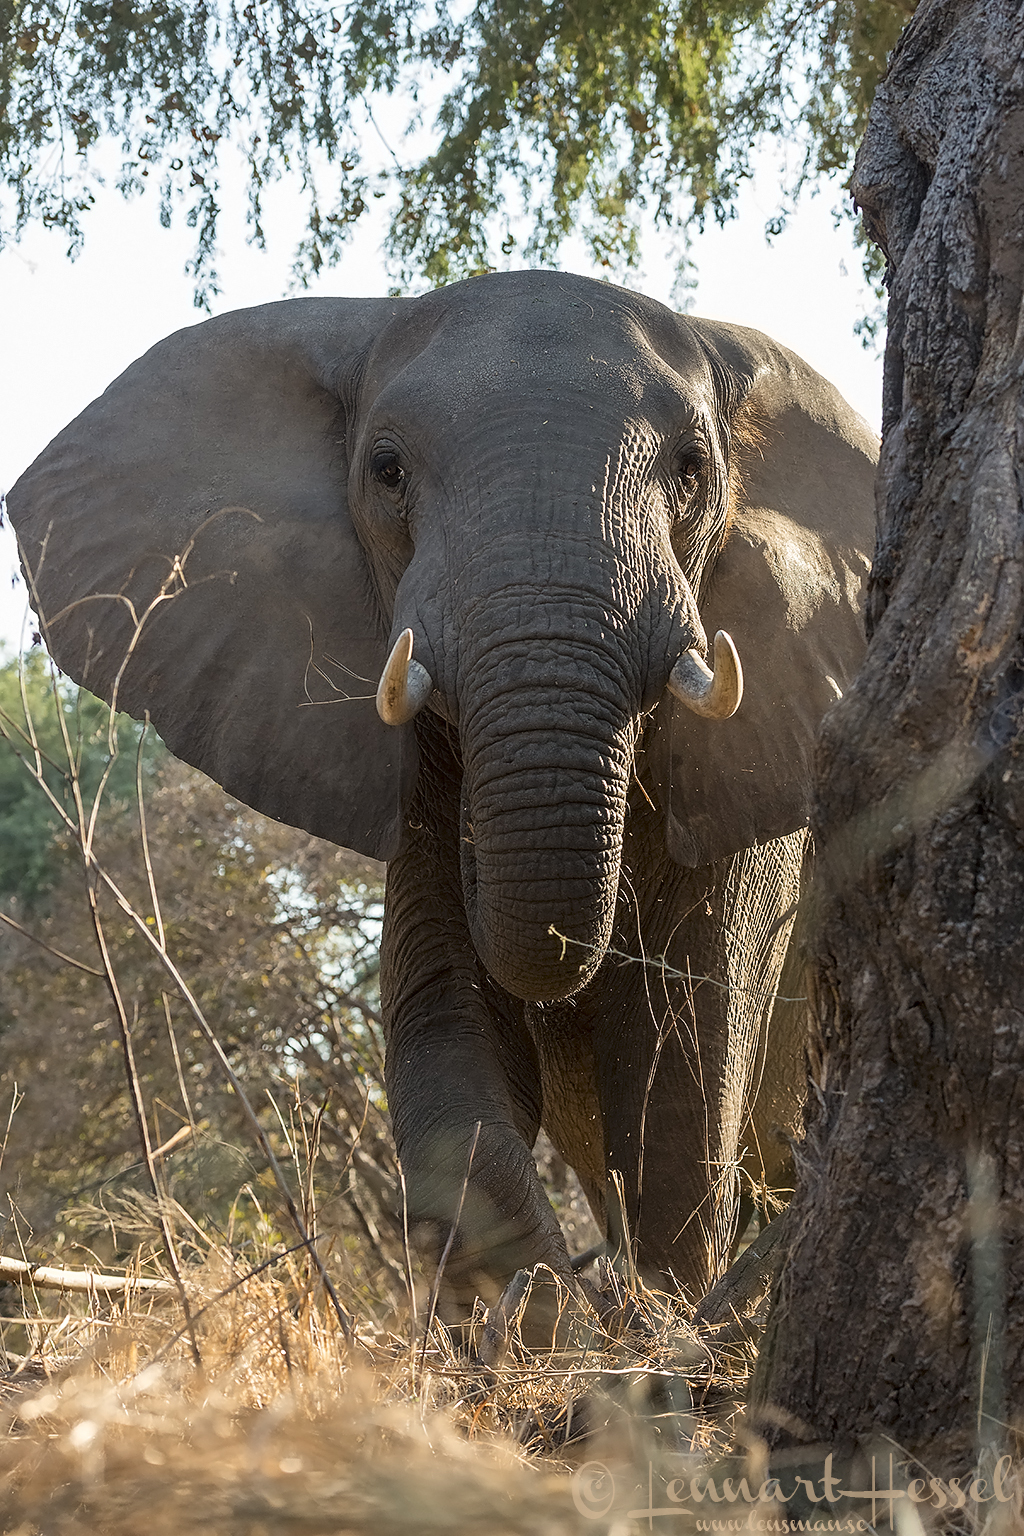 Elephant up close giants Mana Pools National Park, Zimbabwe